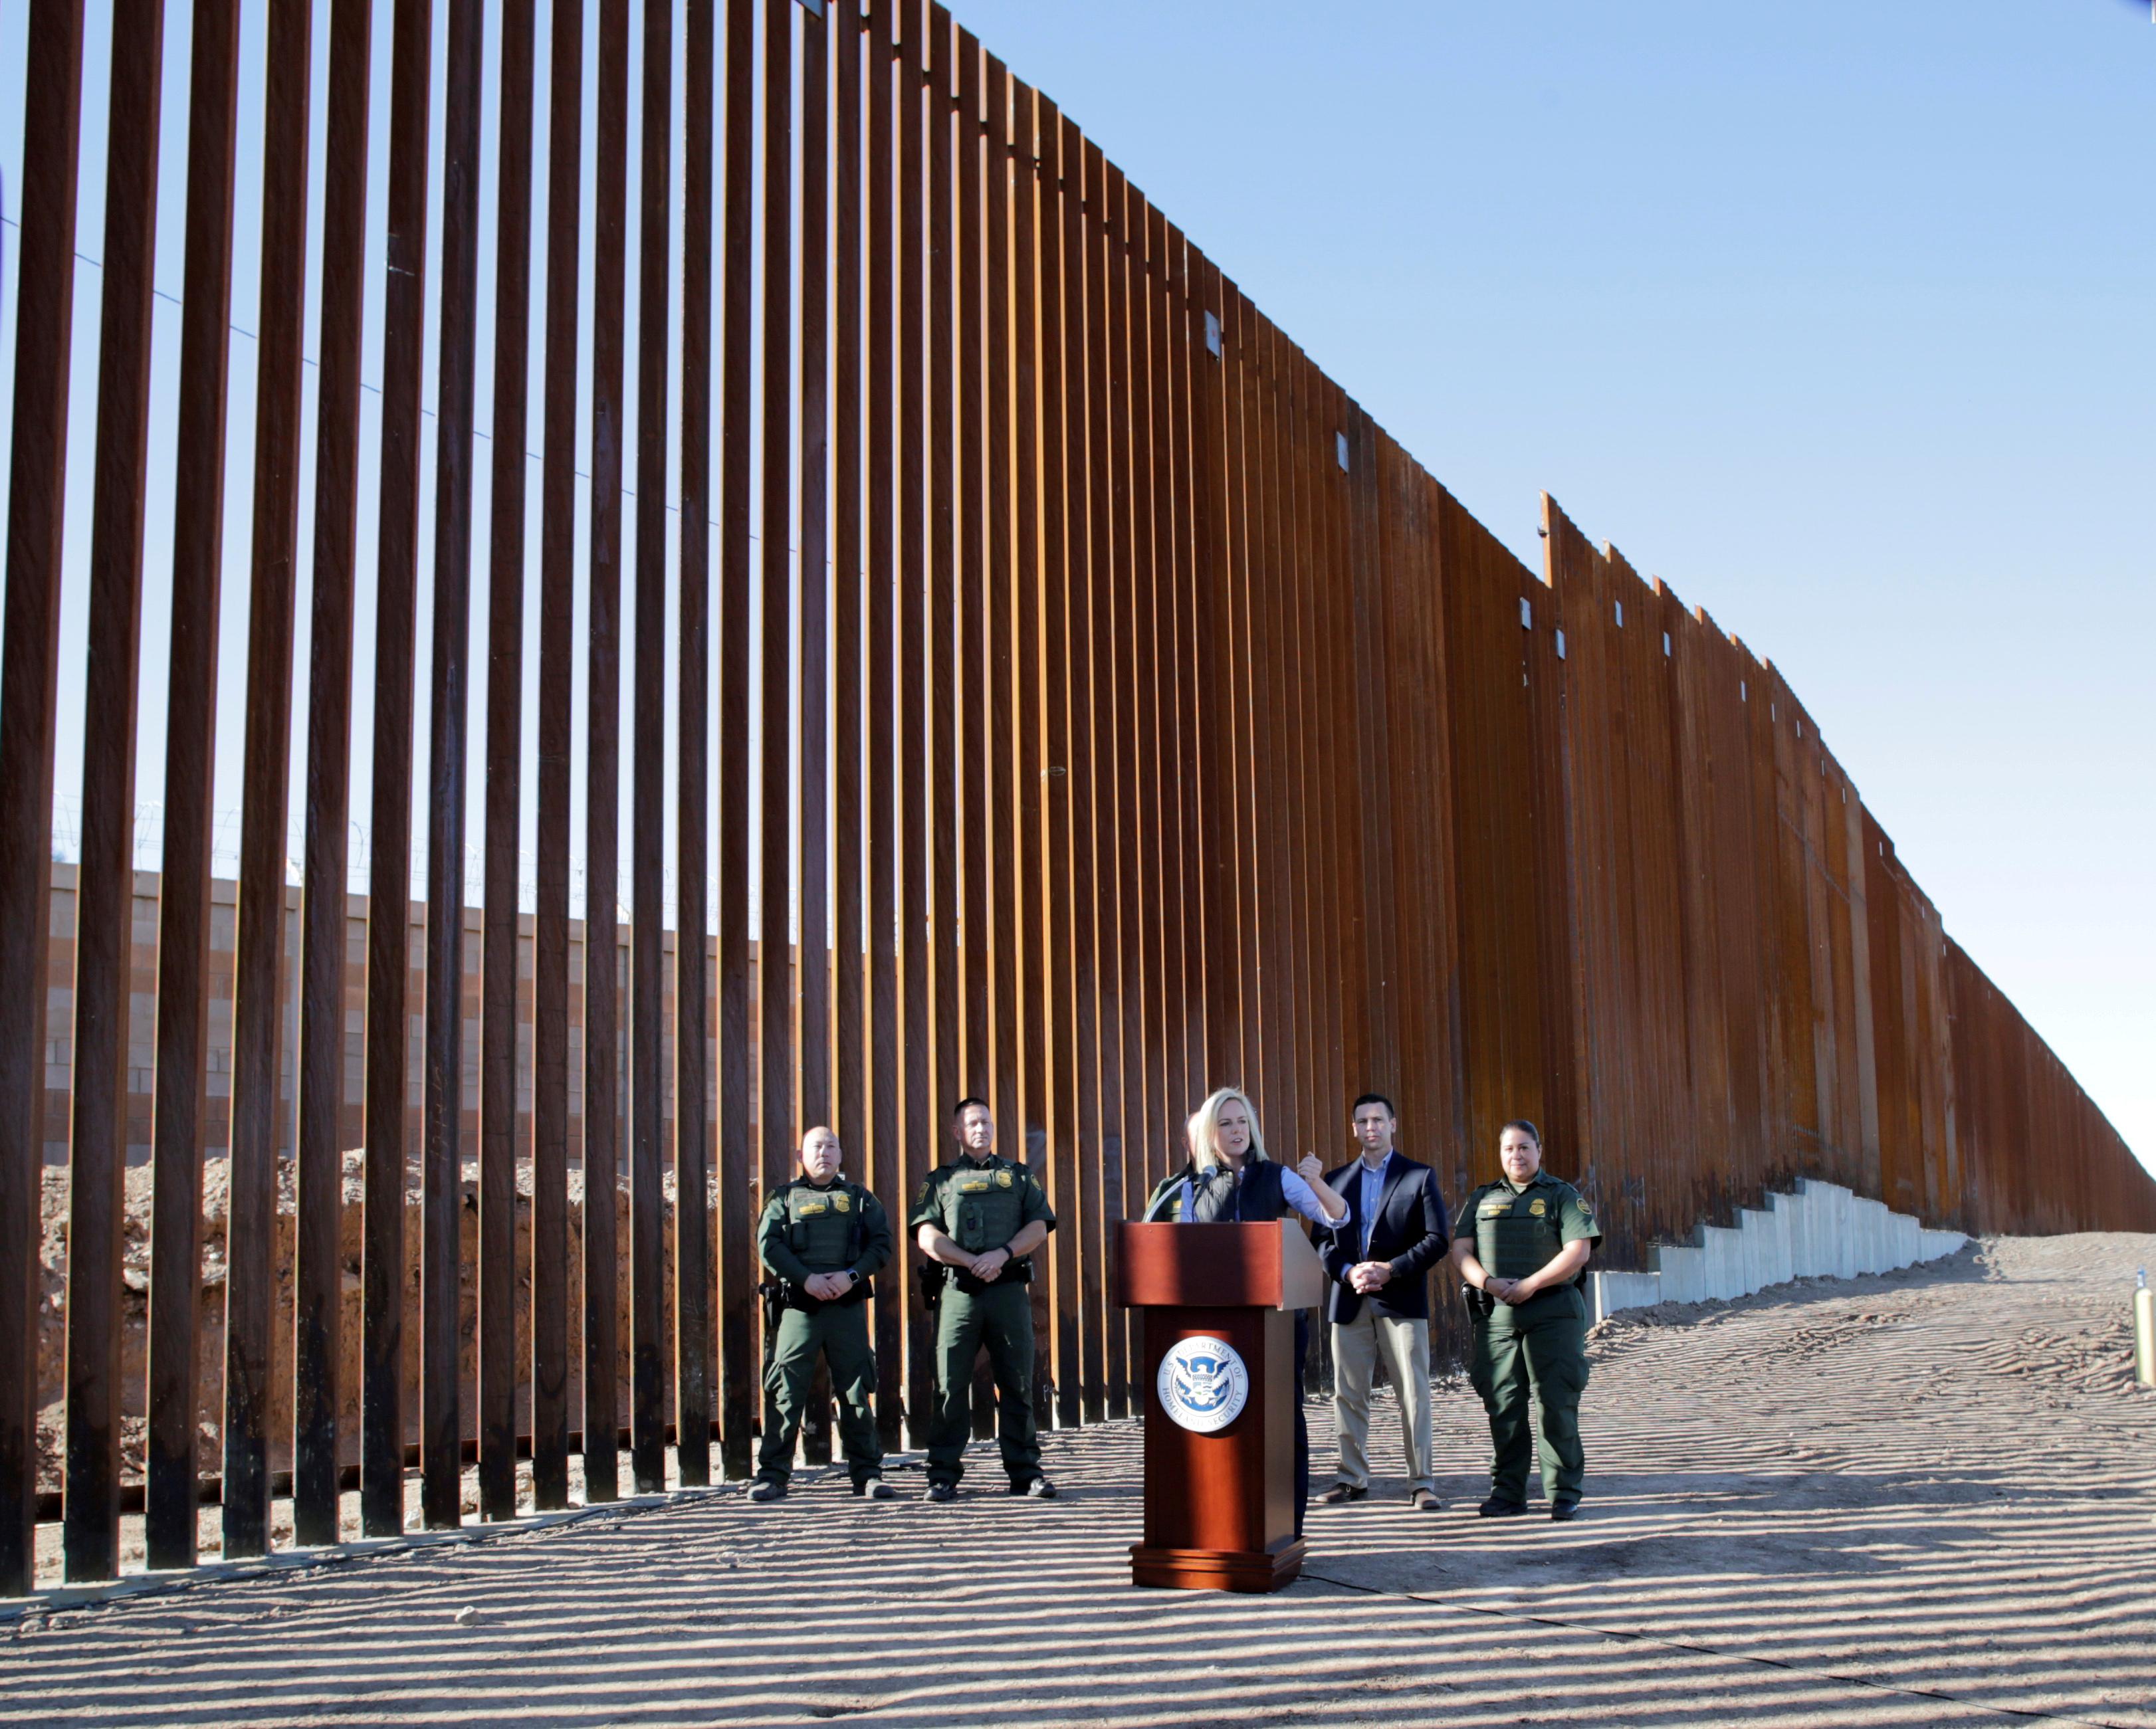 Muro da fronteira